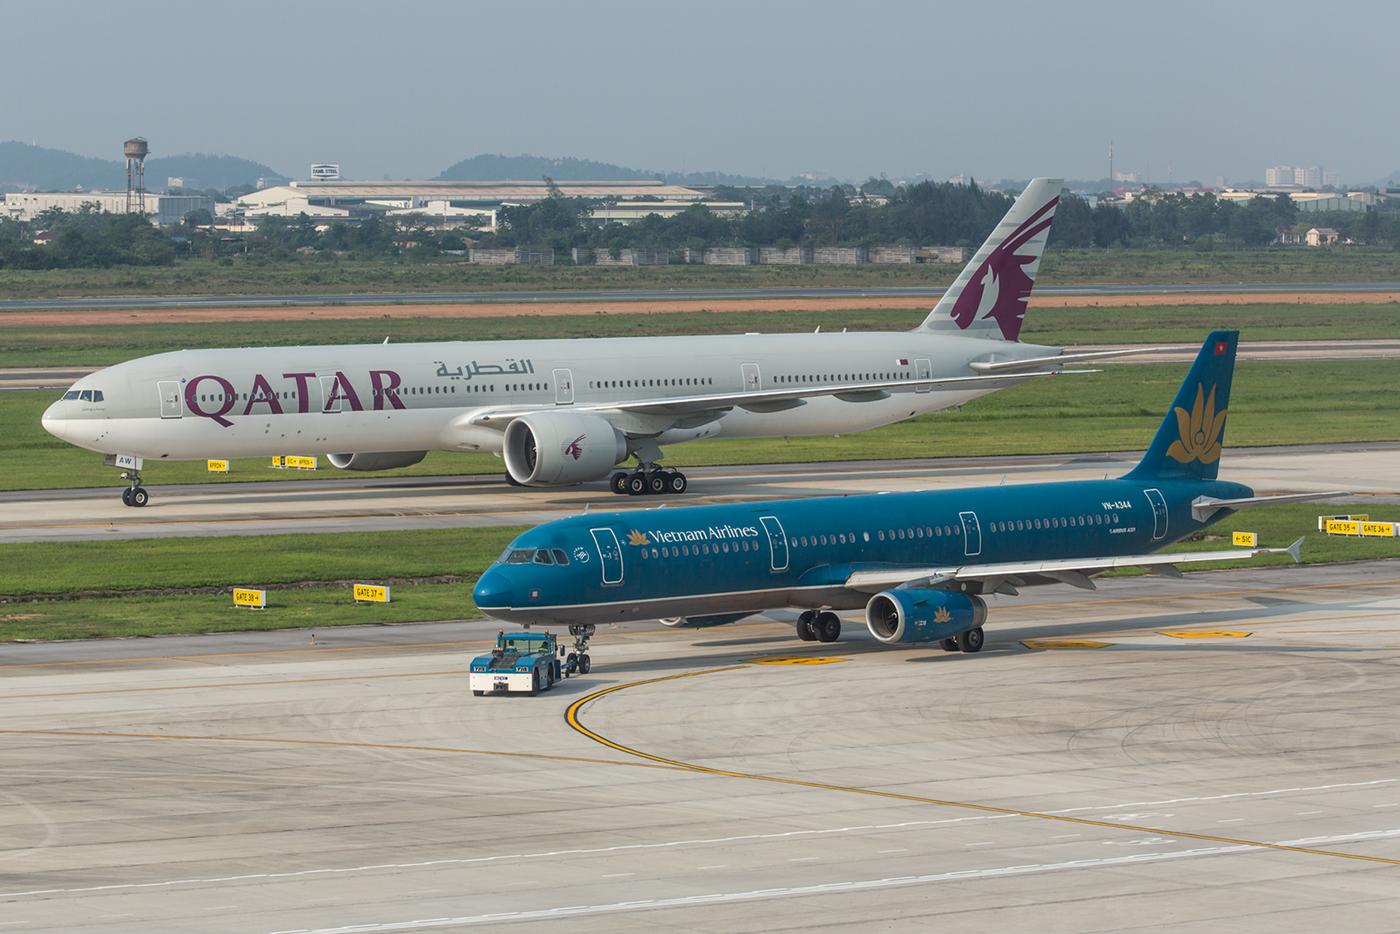 Qatar Airways auf dem abendlichen Flug aus Doha.